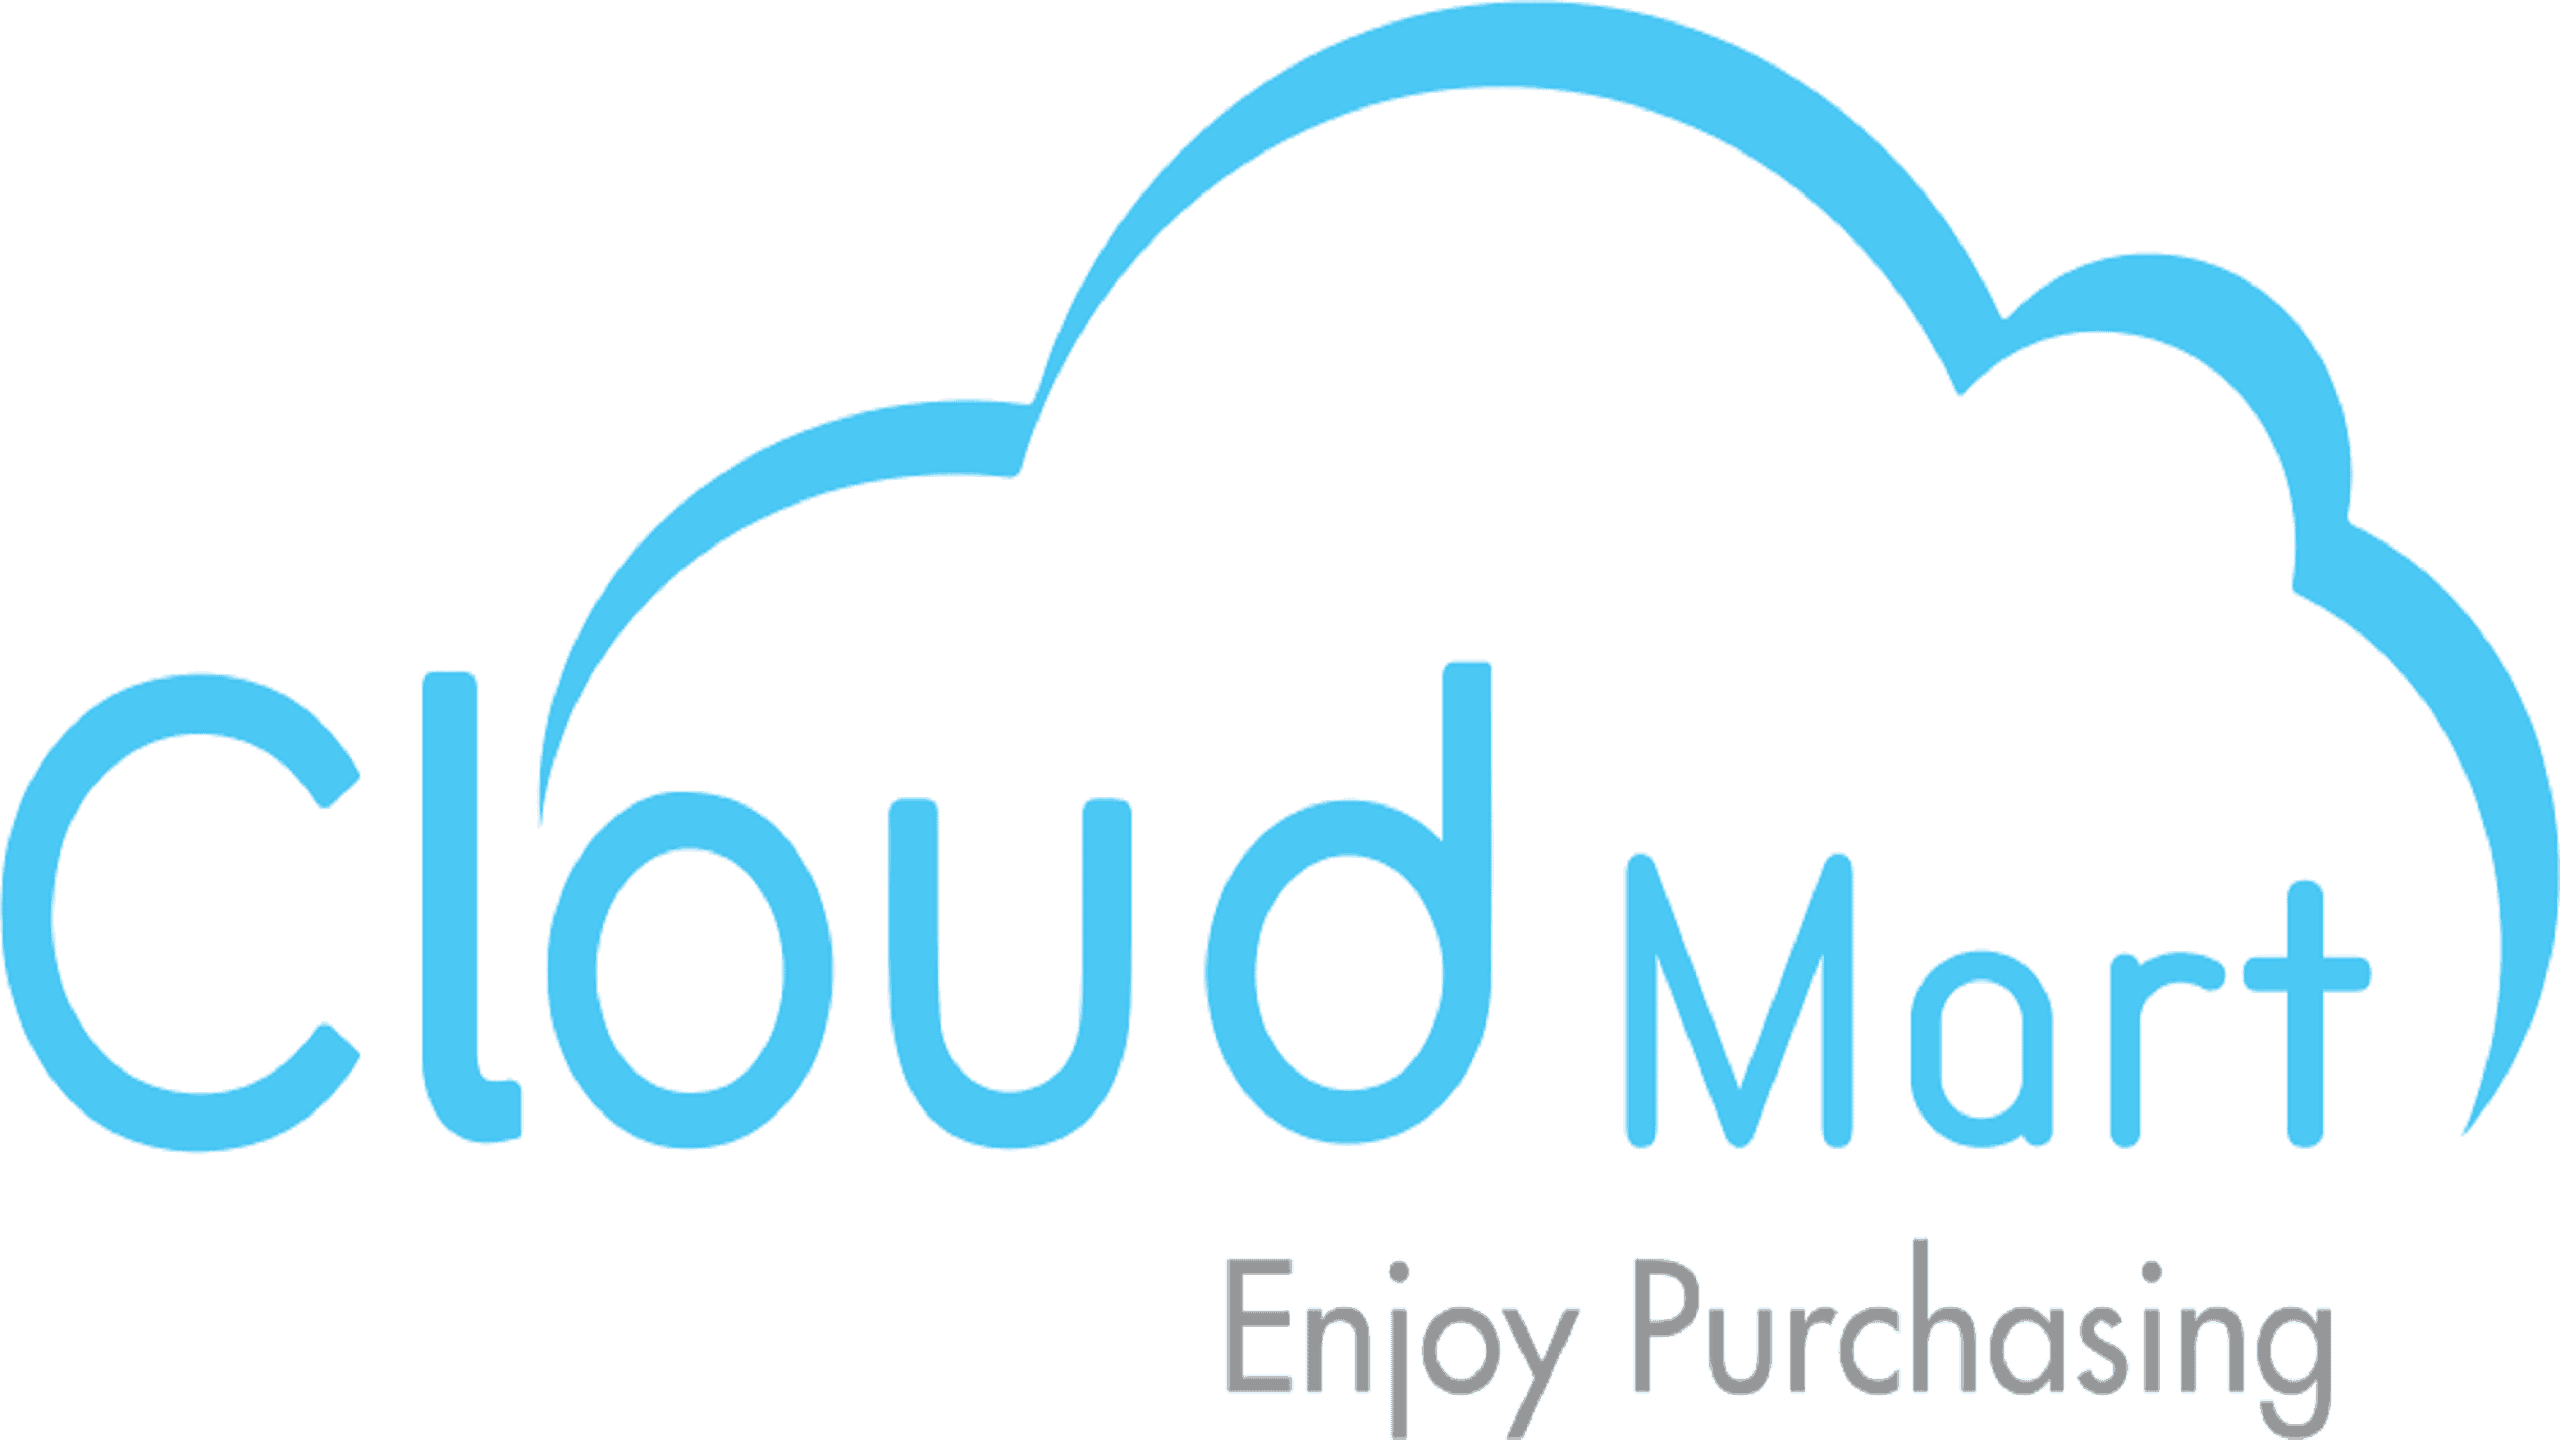 cloudmart đà nẵng